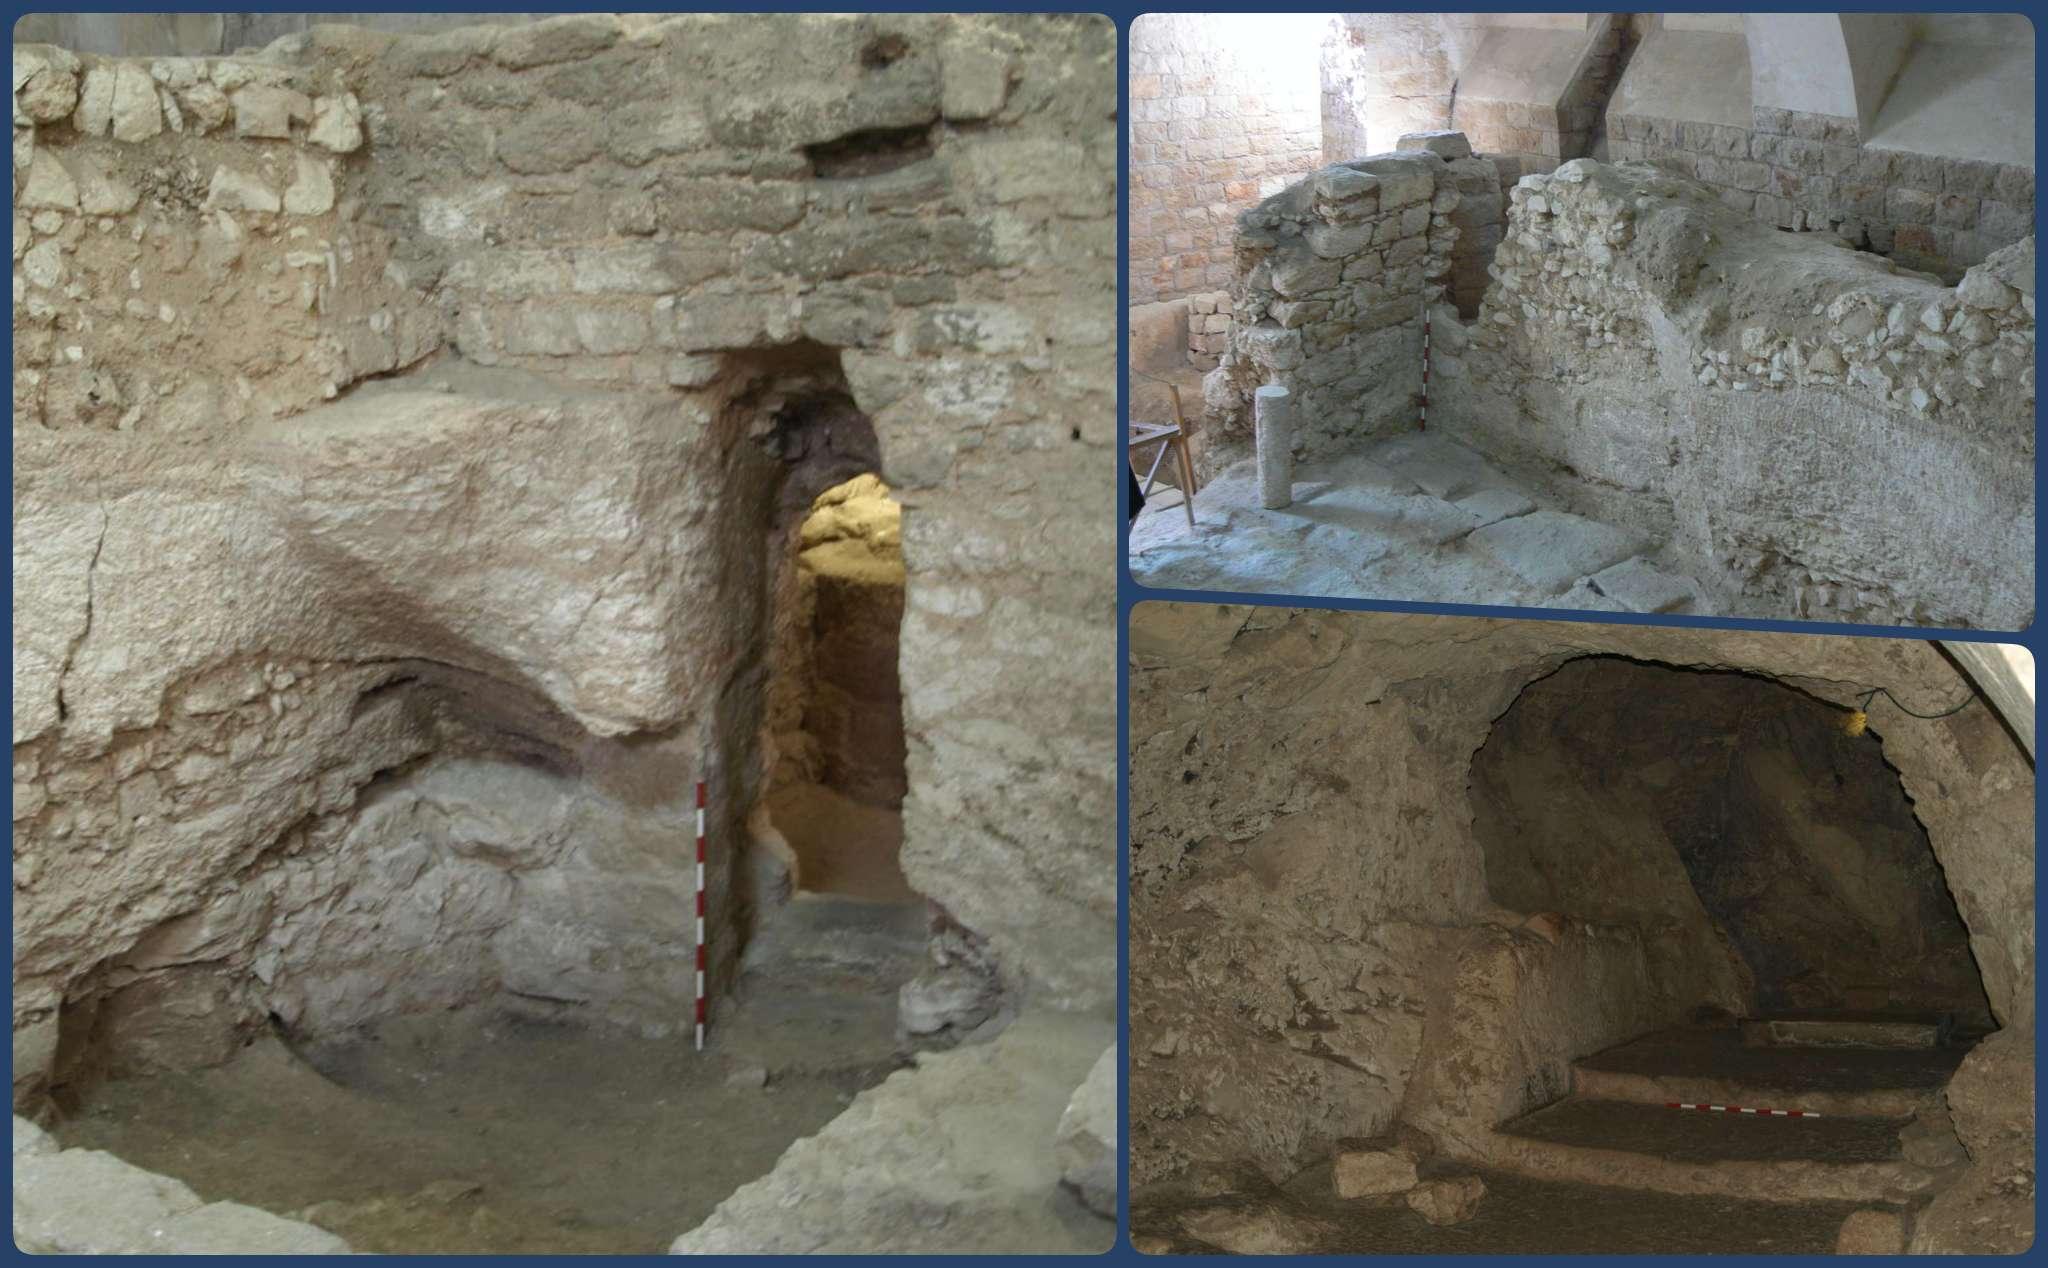 Khai quật ngôi nhà nằm dưới một tu viện ở Nazareth được cho là nhà của Chúa Giêsu - 1